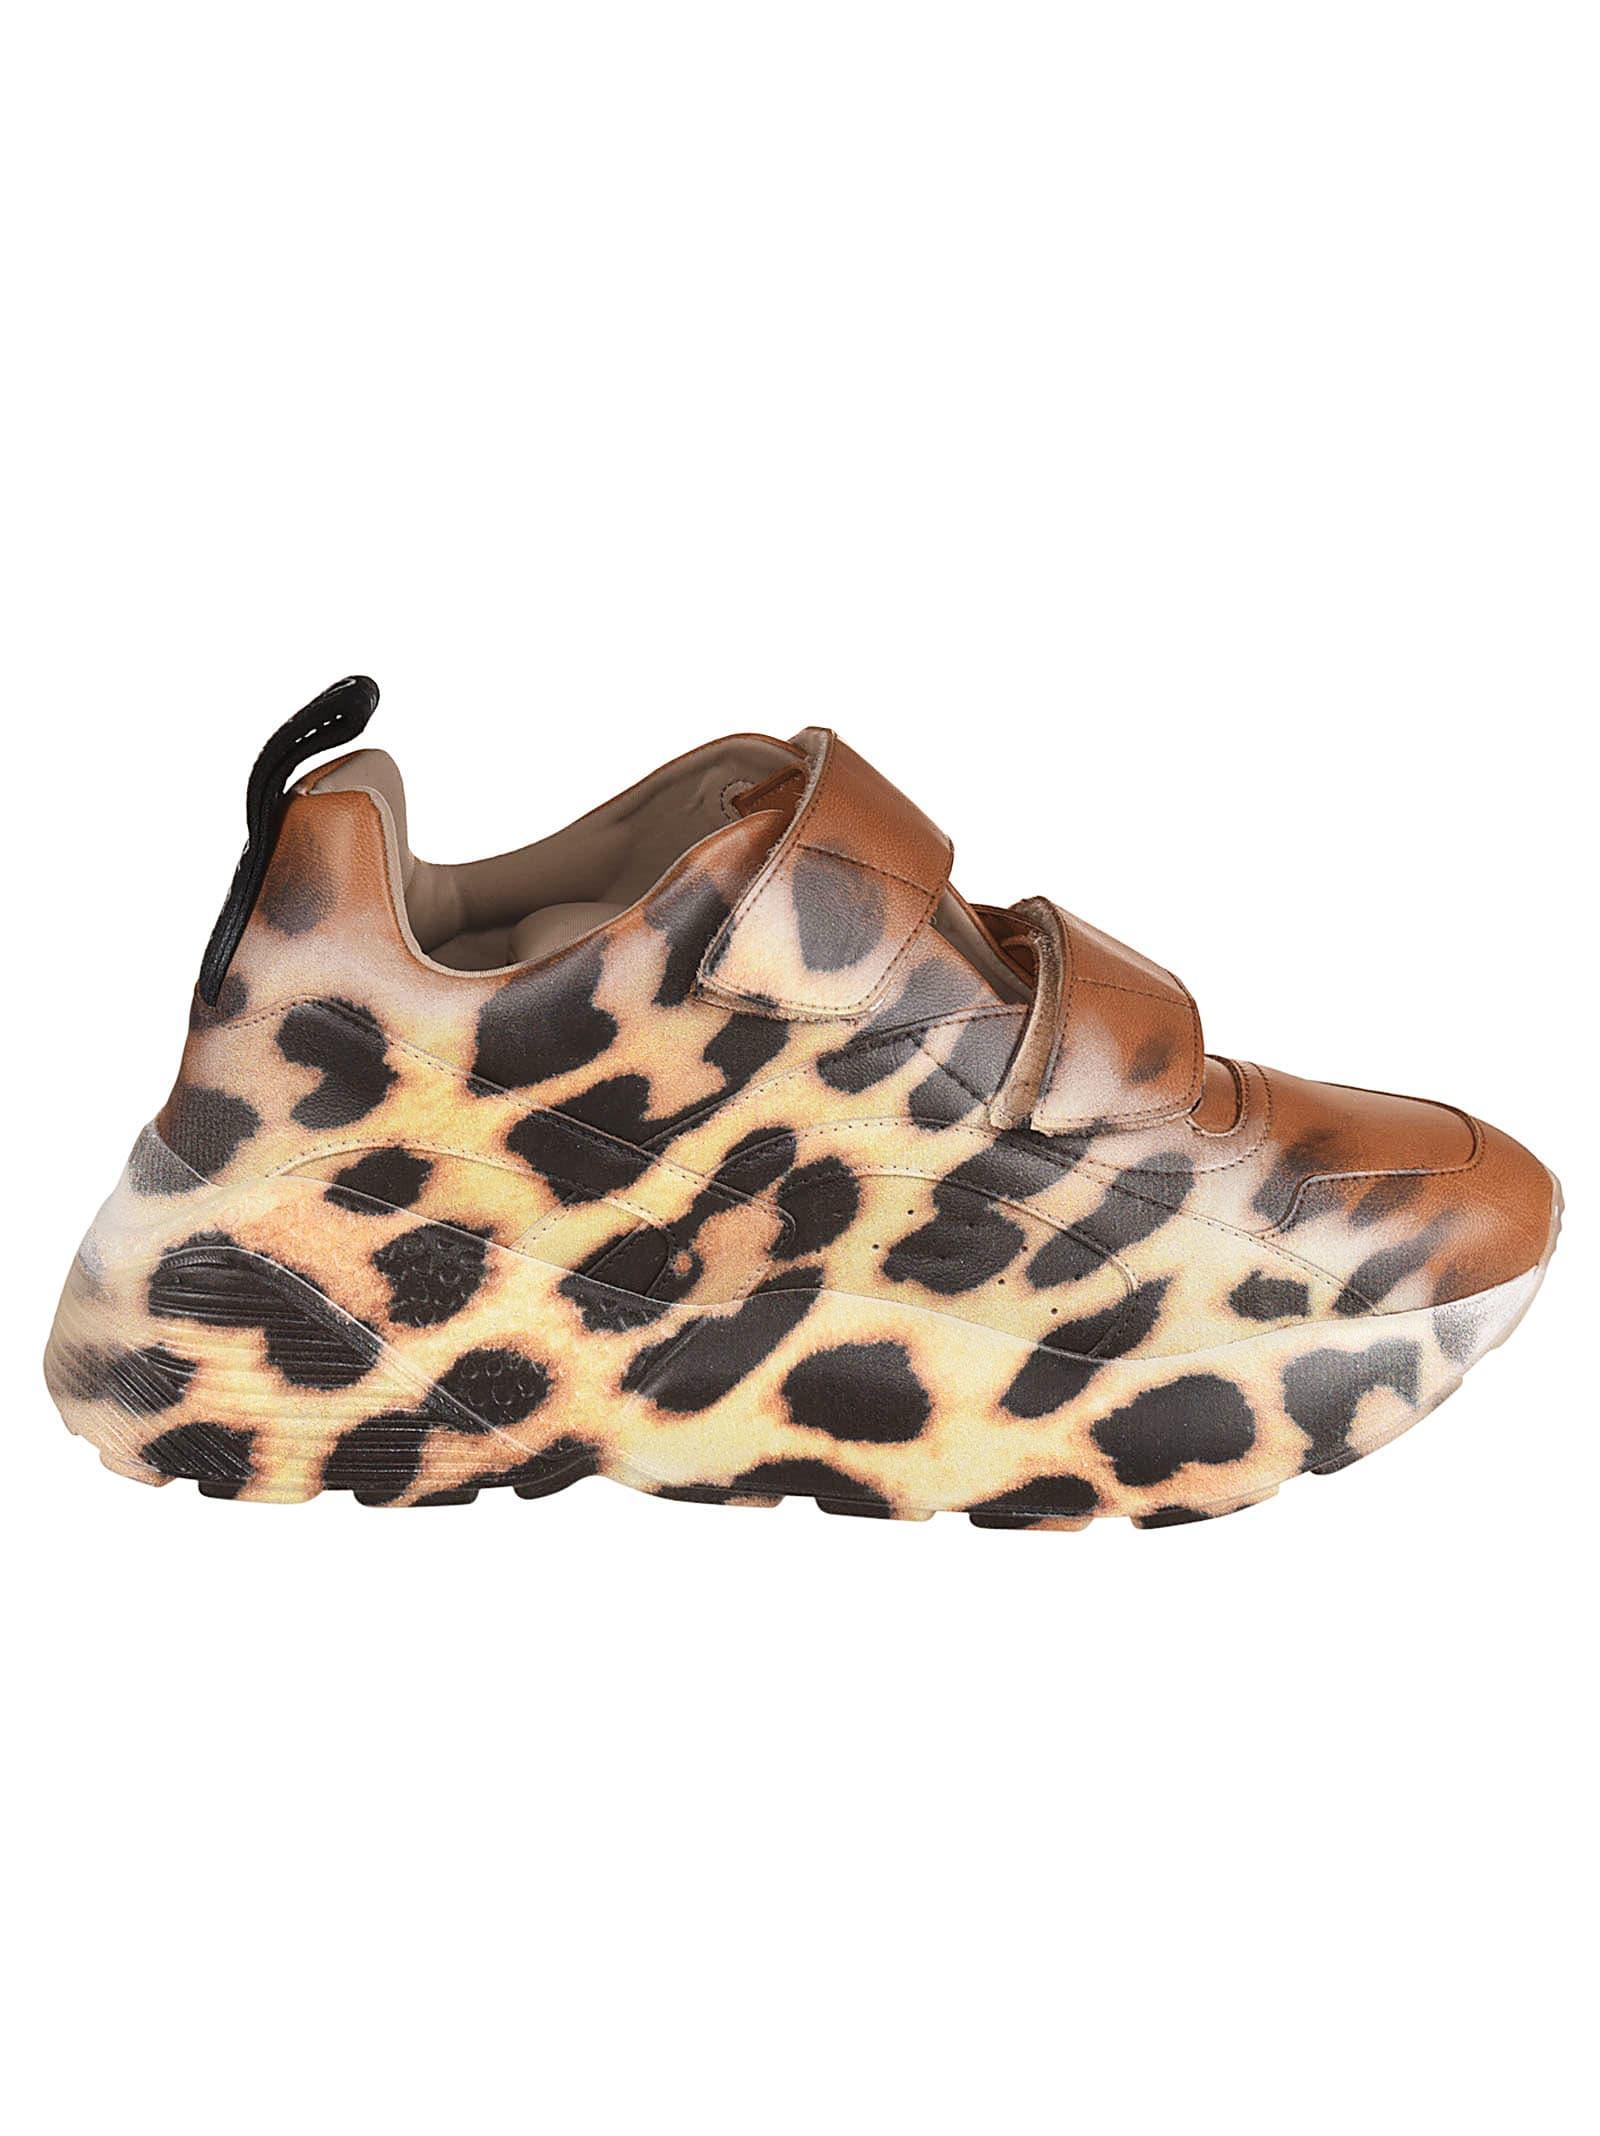 Stella McCartney Leopard Sneakers